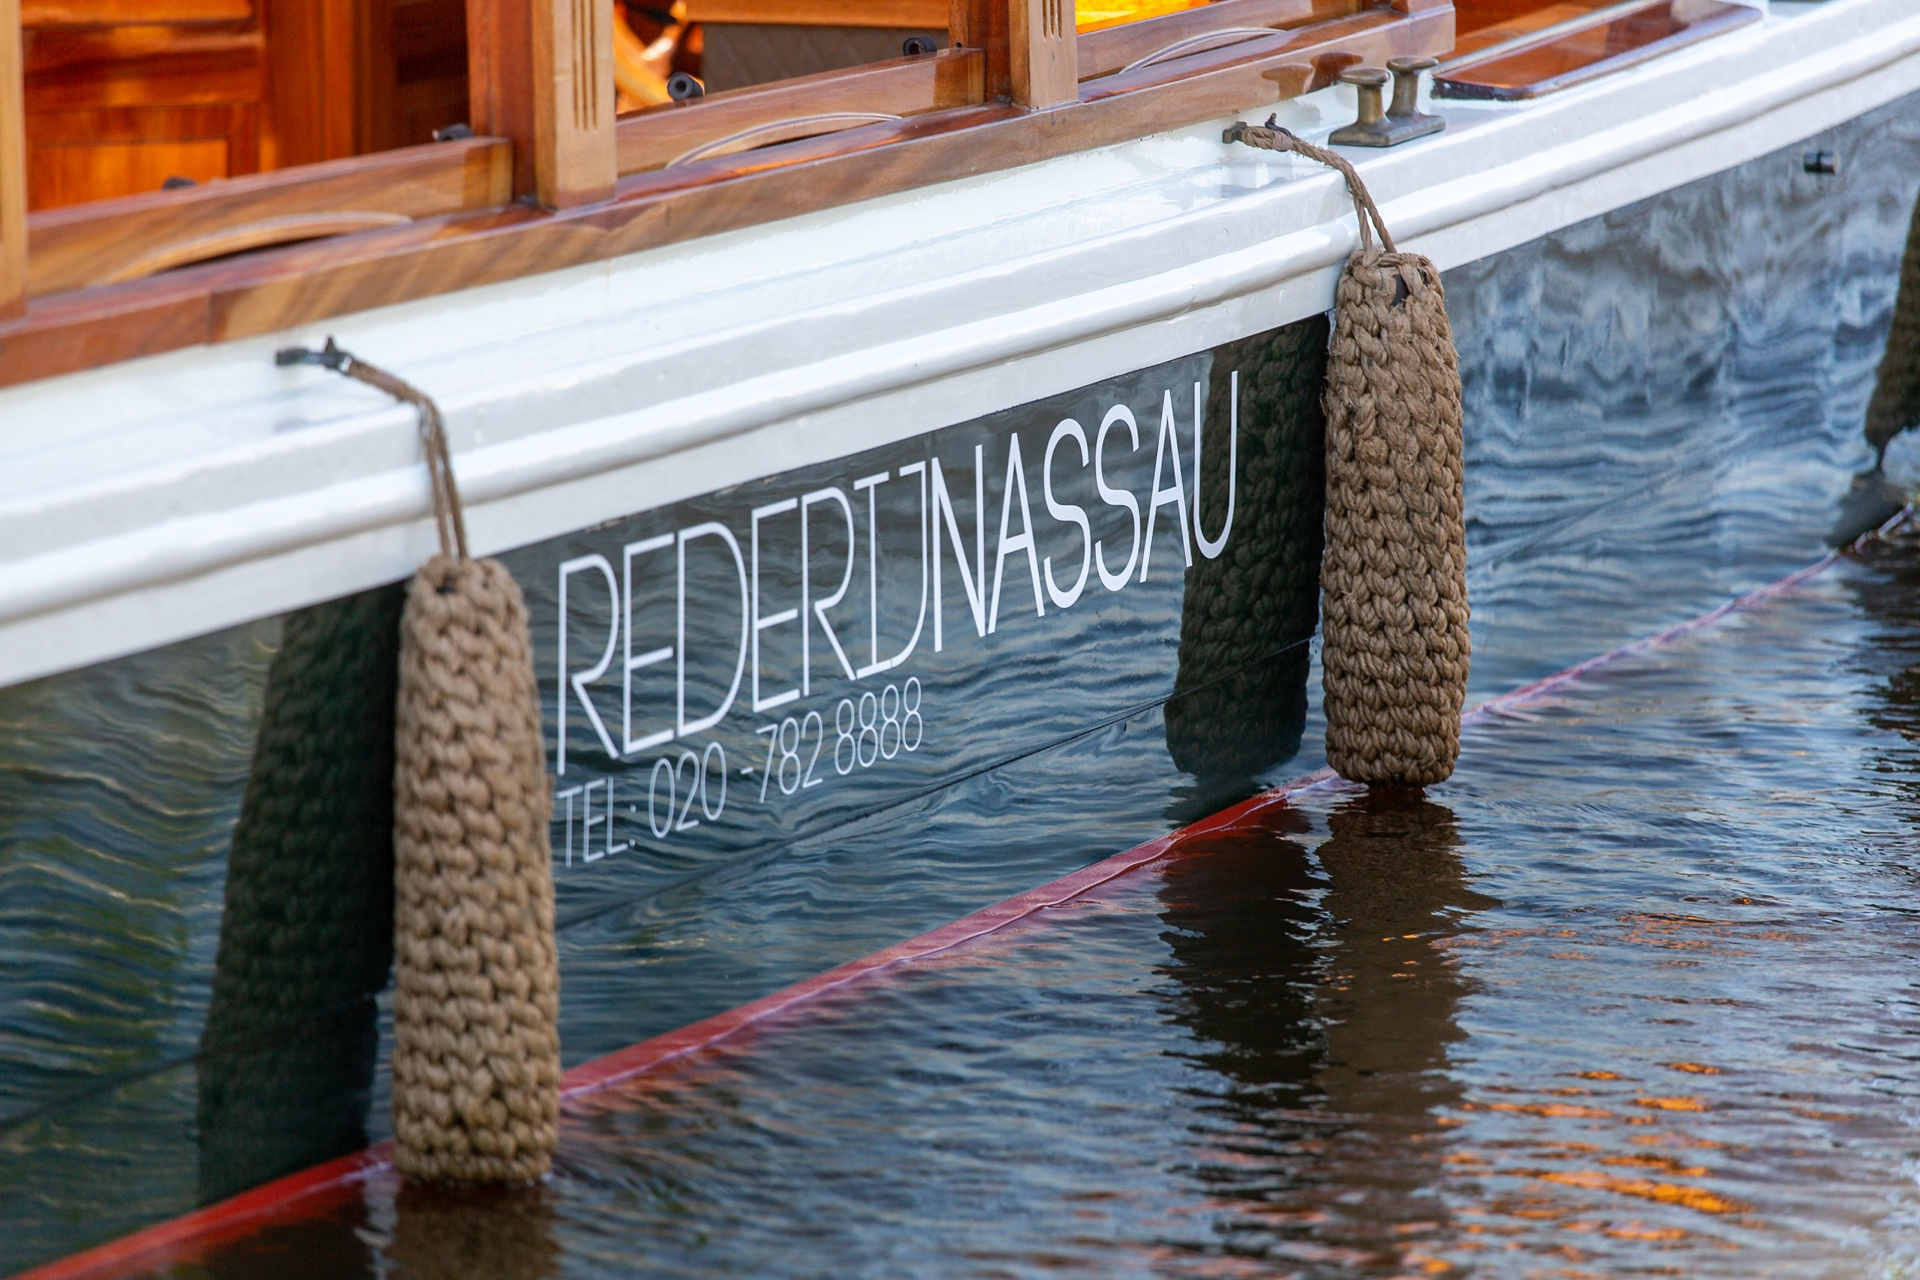 rederij-nassau-roos-26